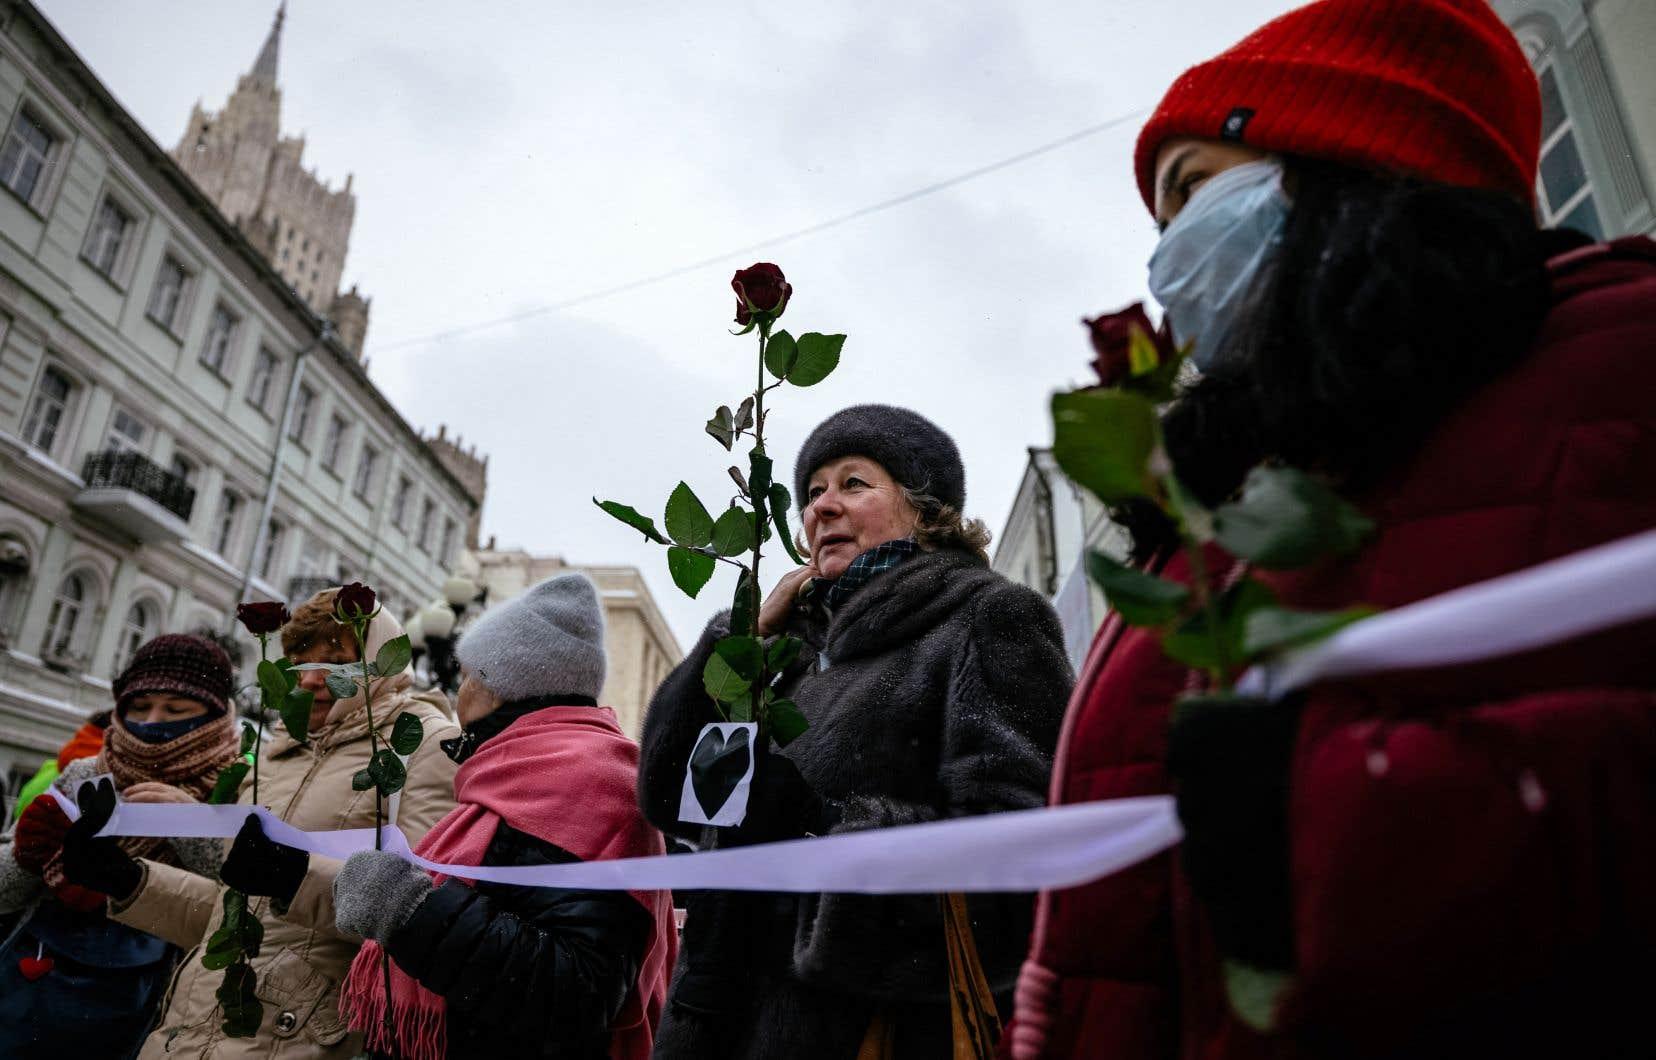 Le mot d'ordre de cette action pour la Saint-Valentin était «L'amour plus fort que la peur».